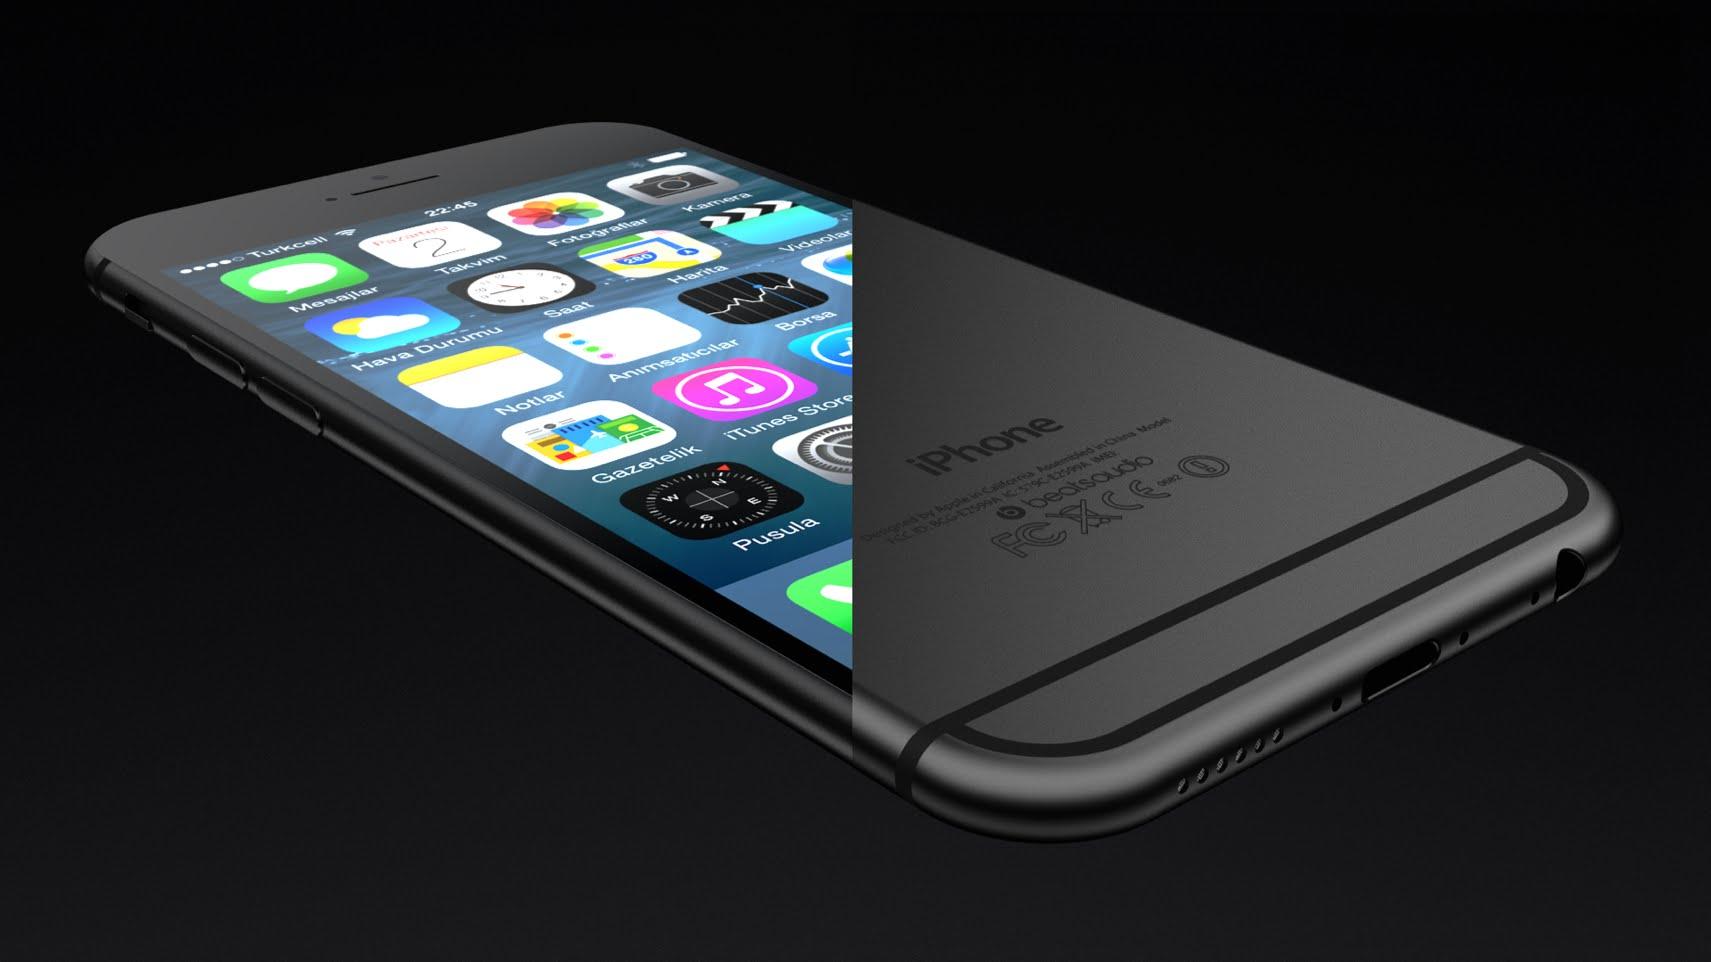 Китайский производитель телефонов  заявляет, что Apple скопировала дизайн его устройств